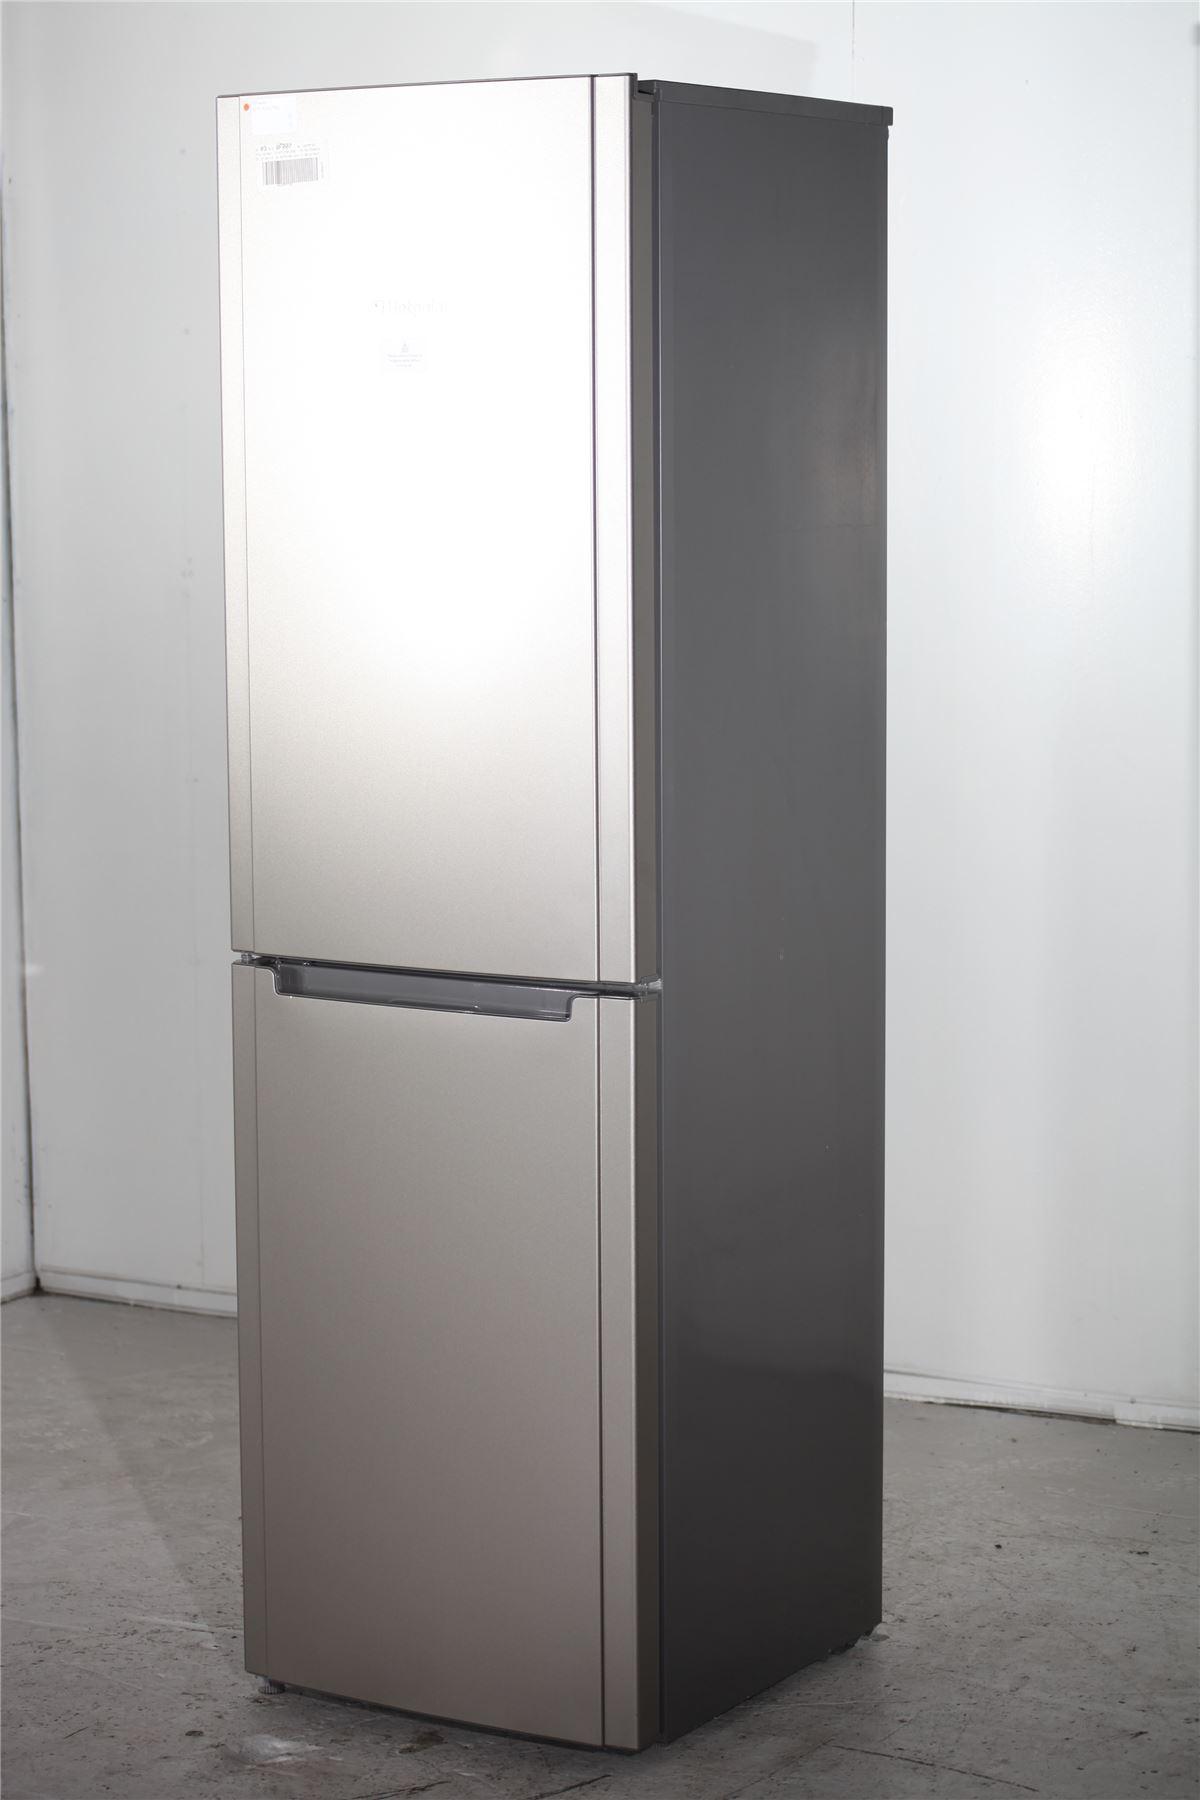 preloved hotpoint fridge freezer fsfl58g silver for. Black Bedroom Furniture Sets. Home Design Ideas